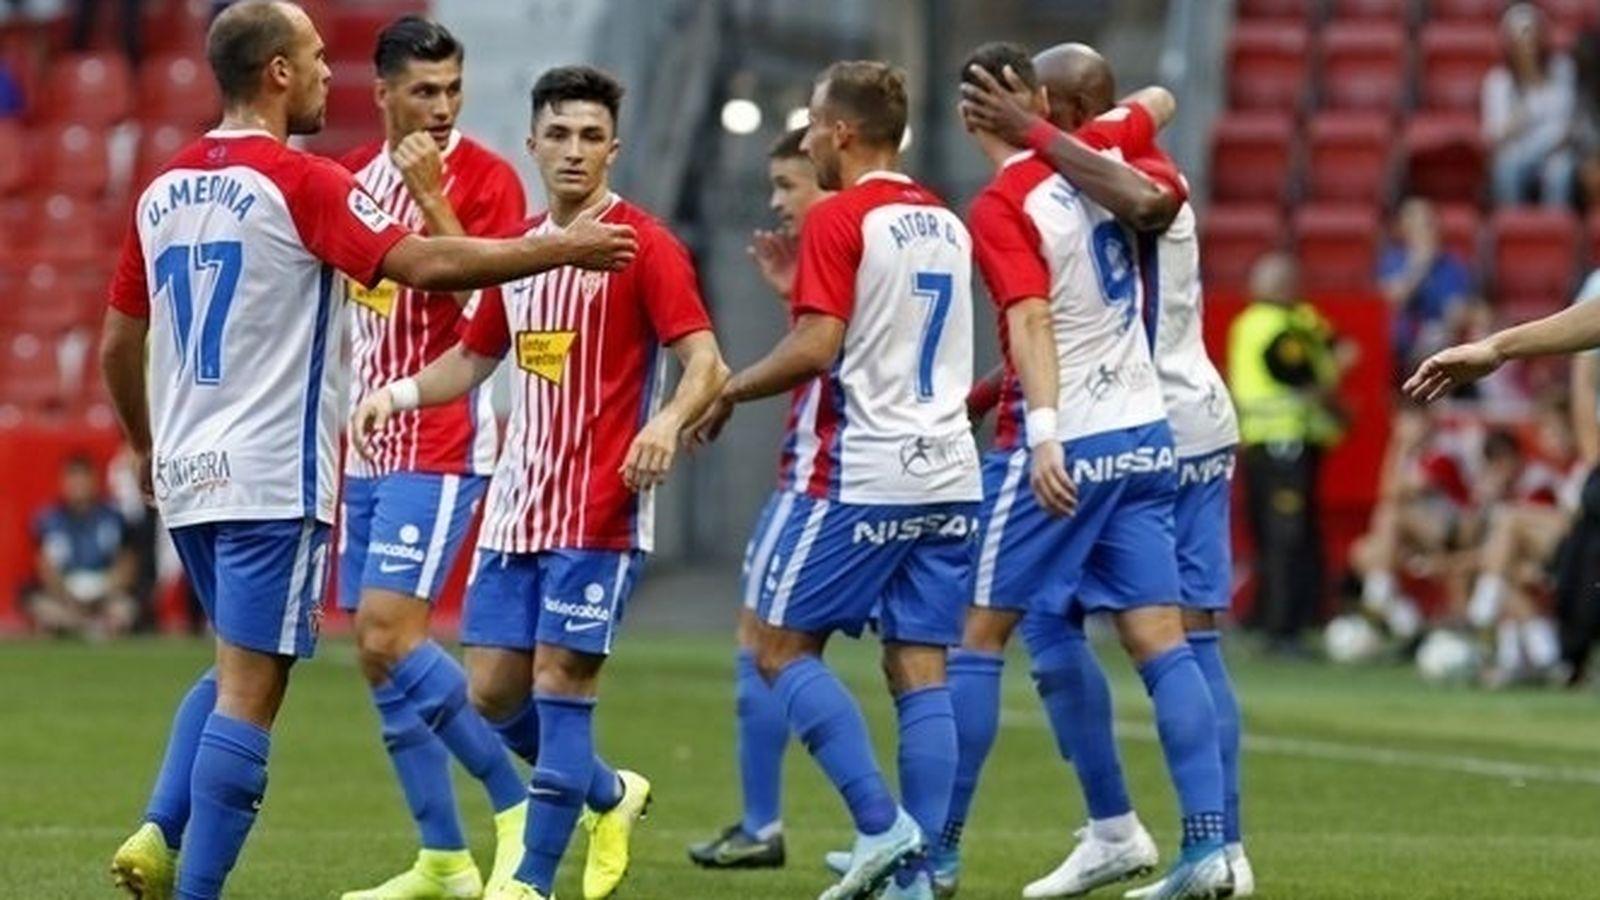 Foto: Jugadores del Sporting de Gijón celebran un gol. (Europa Press)